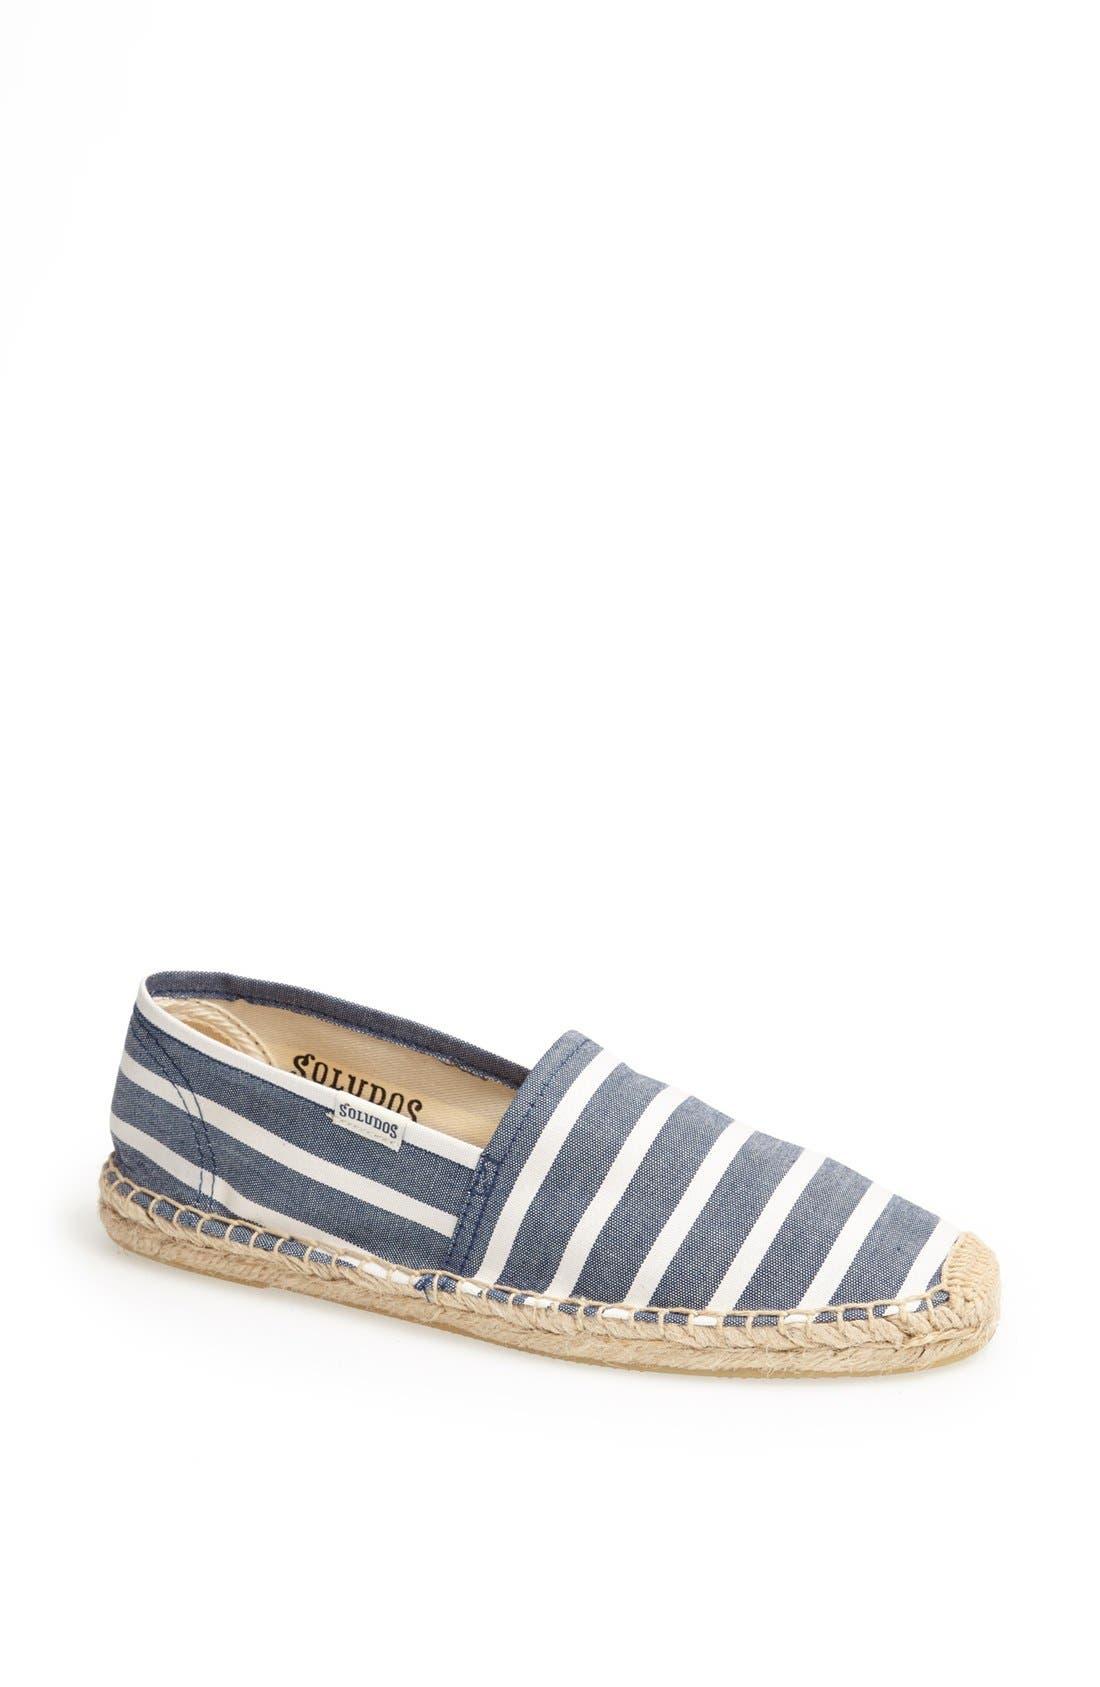 'Classic' Espadrille Slip-On,                         Main,                         color, Light Navy/ White